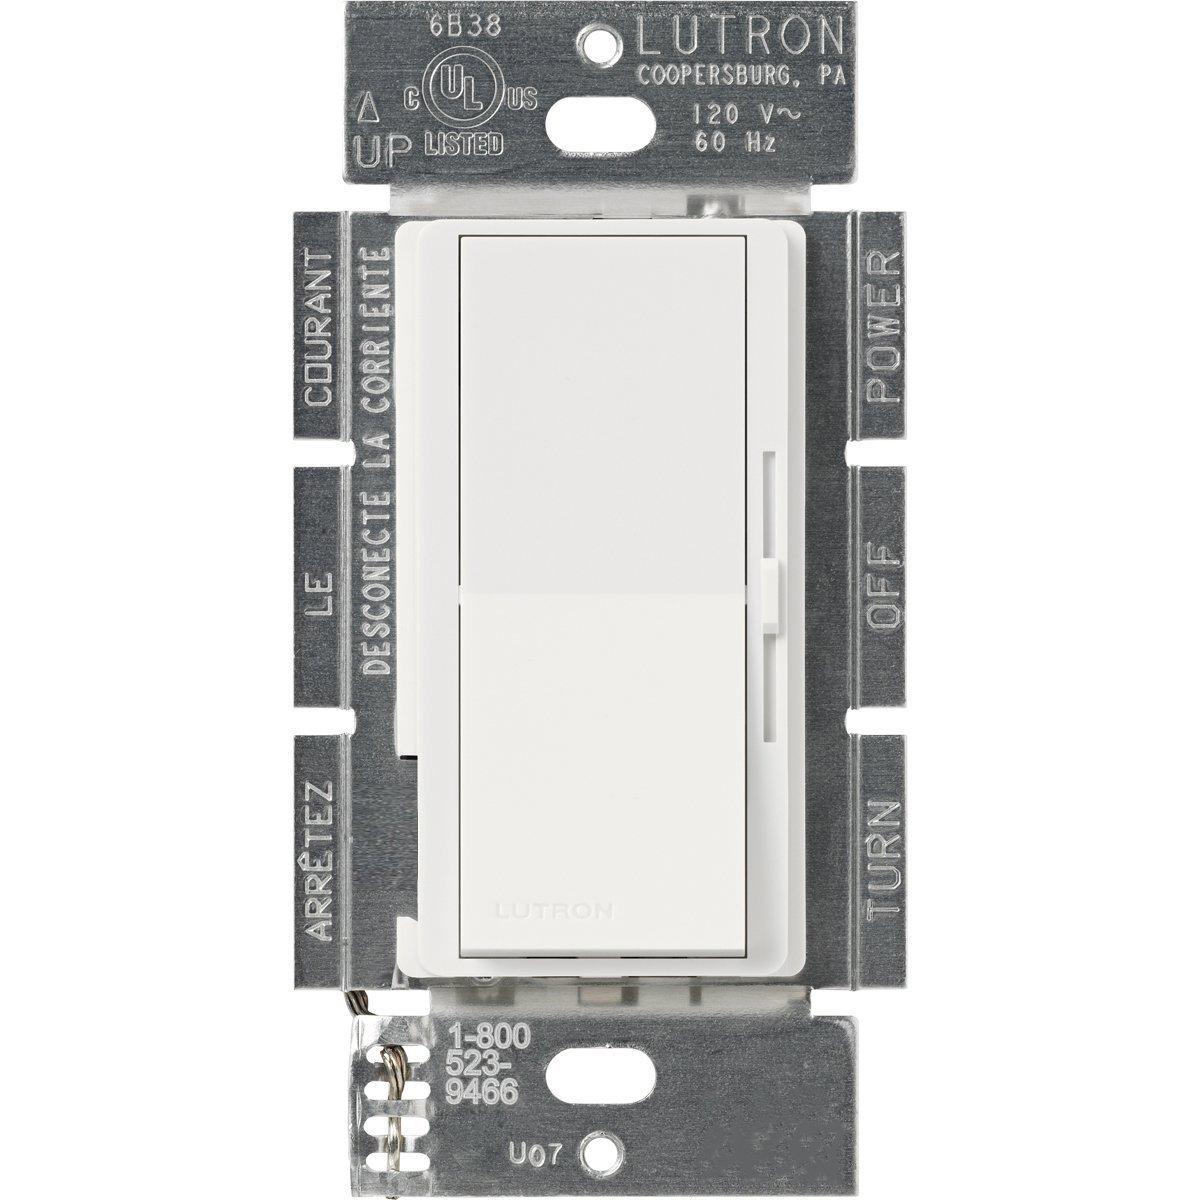 Lutron DVLV-600P-WH 600-Watt Diva Magnetic Low-Voltage Single-Pole ...